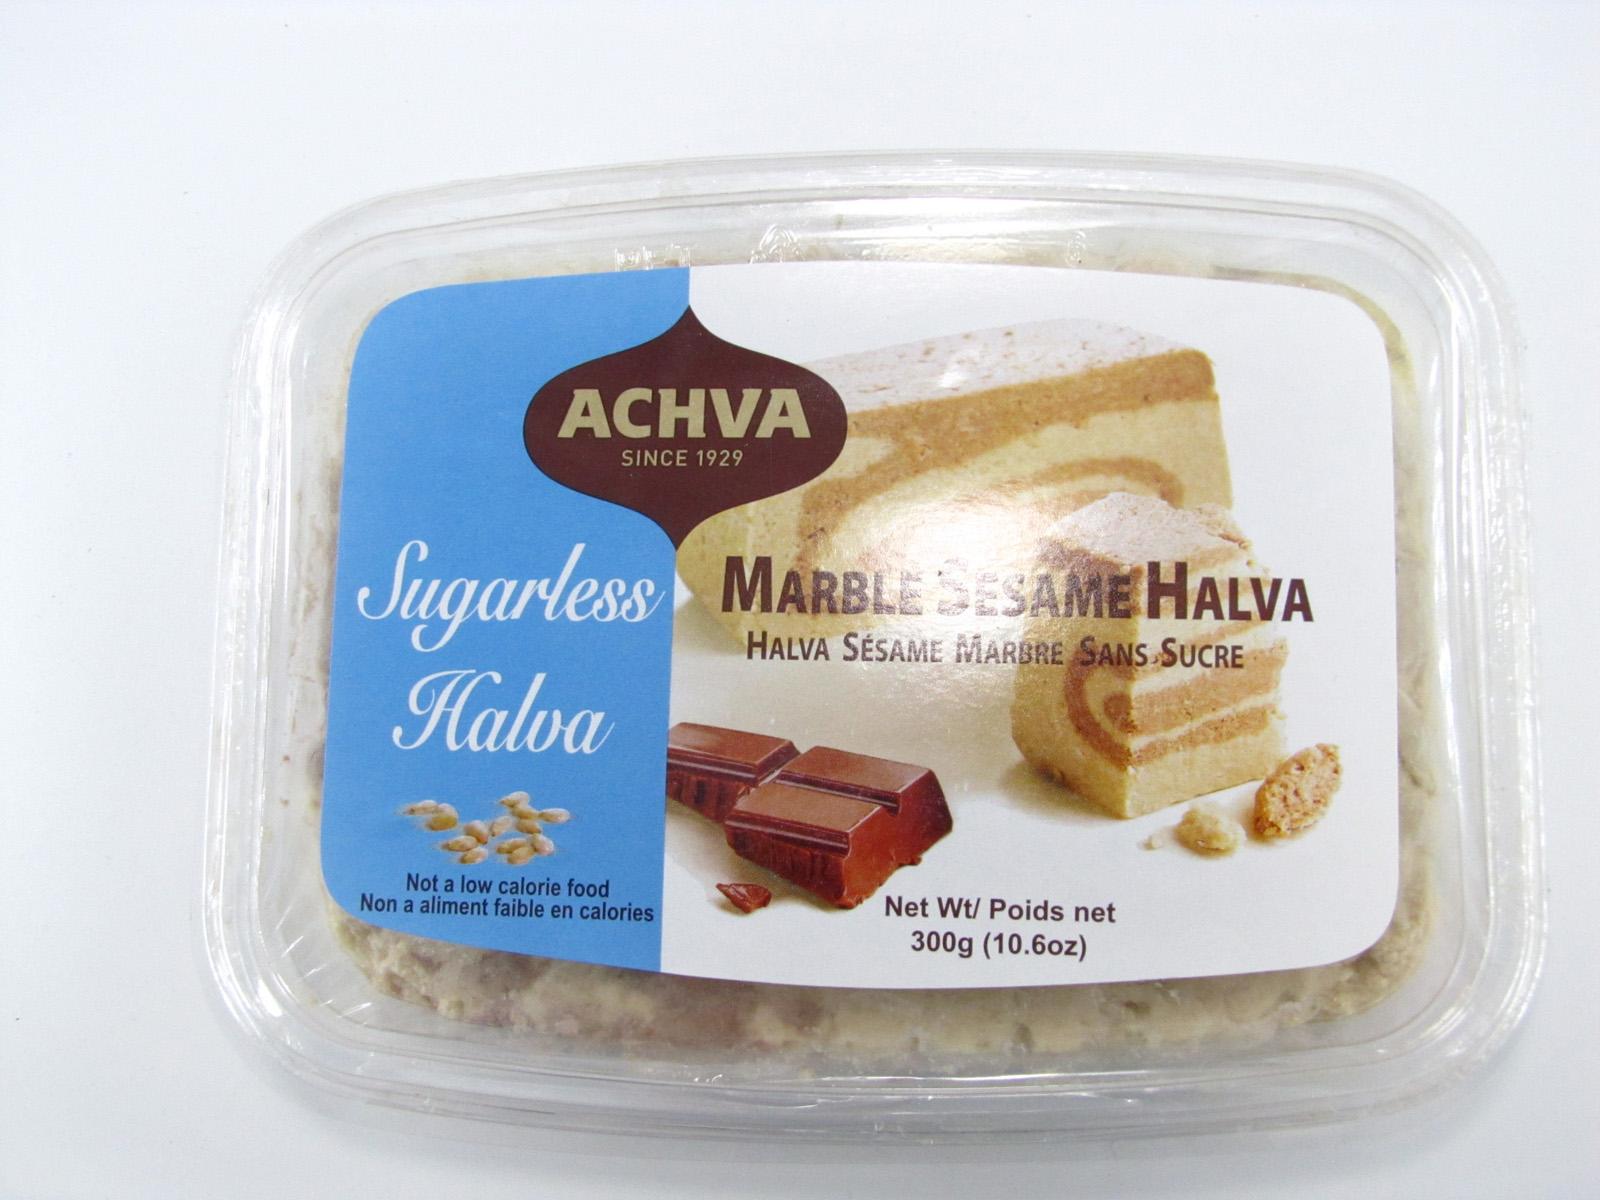 Achva Marble Sesame Halva top of container image